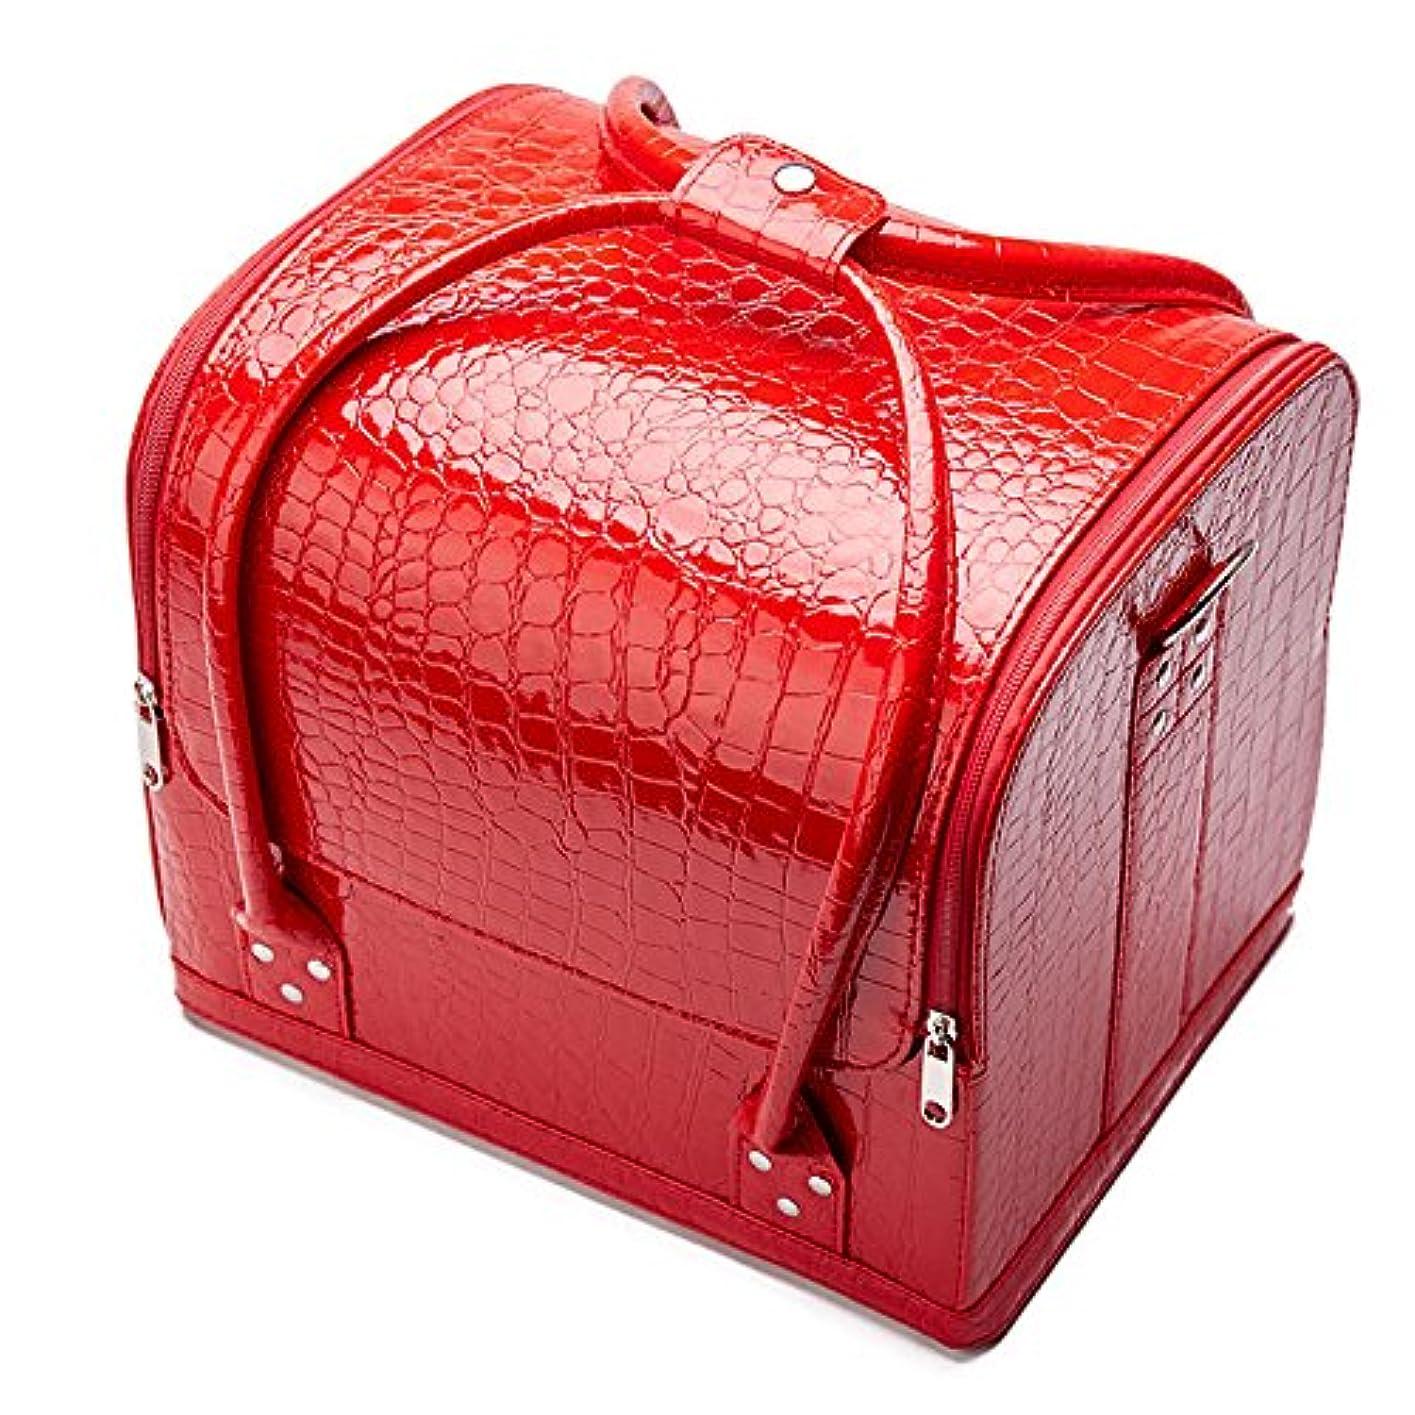 アクセル上院必須「XINXIKEJI」メイクボックス コスメボックス ネイルボックス 大容量 防水 洗える 化粧ボックス 肩掛け スプロも納得 収納力抜群 鍵付き オシャレ 祝日プレゼント 取っ手付 コスメBOXレッド